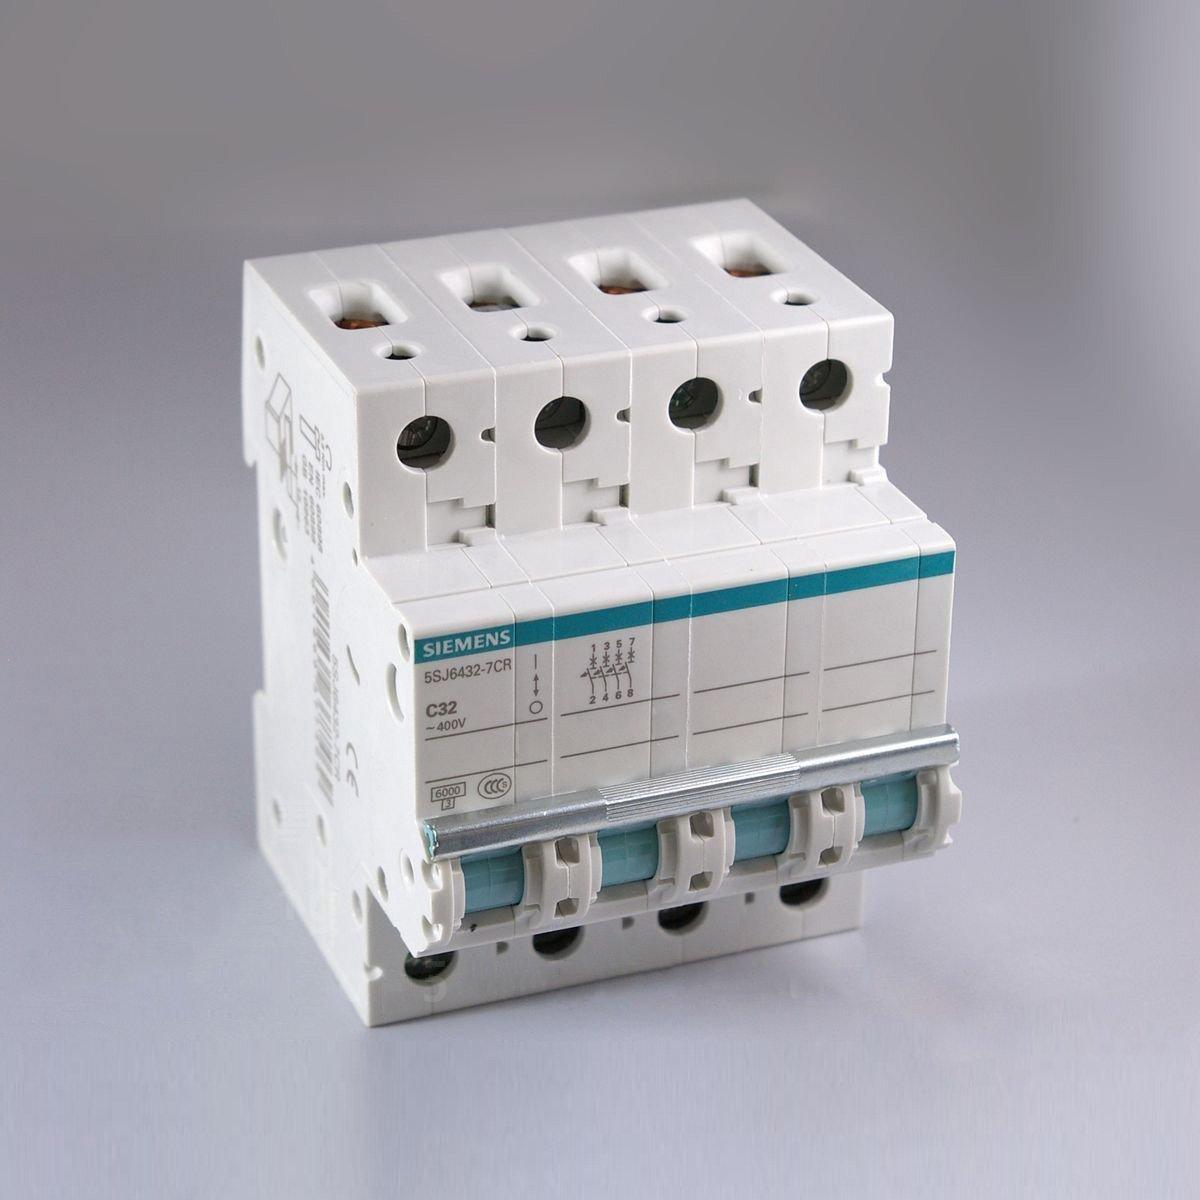 正确的安装接线 注意接线端子标志:主电路1l1,3l2,5l3为进线端;2t1,4